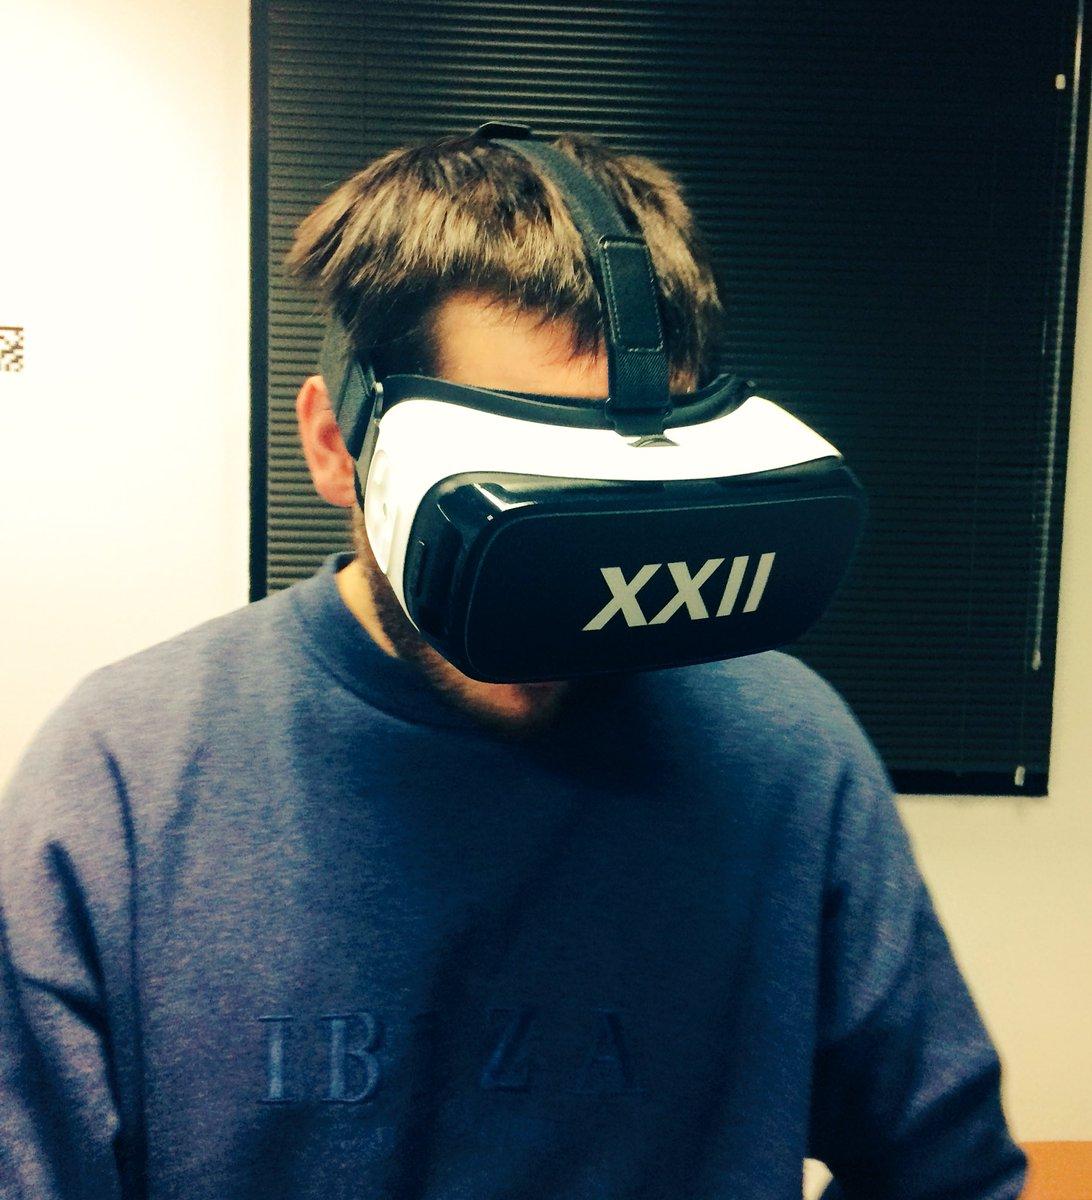 L&#39;ami @romainmonnot de @Wynd_eu est passé chez @XXII_GROUP checker les nouveaux contenus ! #nextstep #VAMR #ibiza #Retail #UX<br>http://pic.twitter.com/fCpsnO3CPu